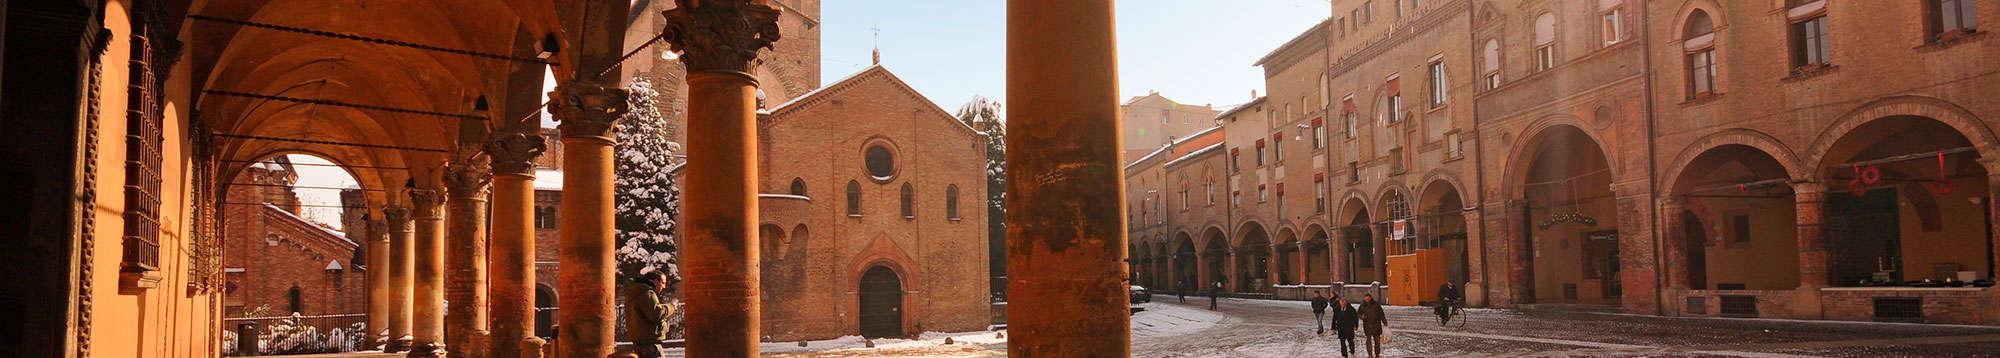 Escapadas fin de semana en Ravenna